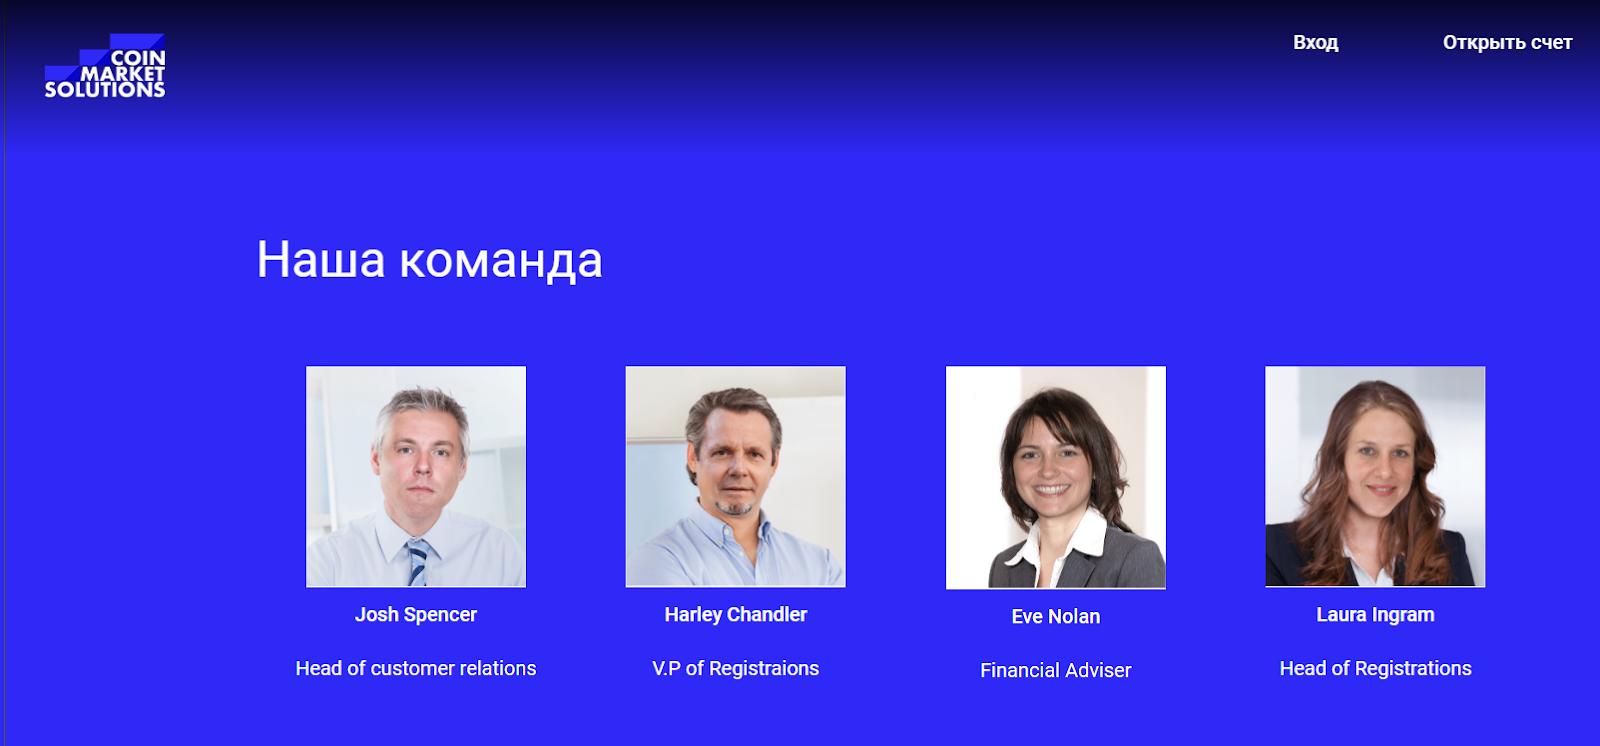 Обзор эстонской криптовалютной биржи Coin Market Solutions: условия сотрудничества и отзывы клиентов